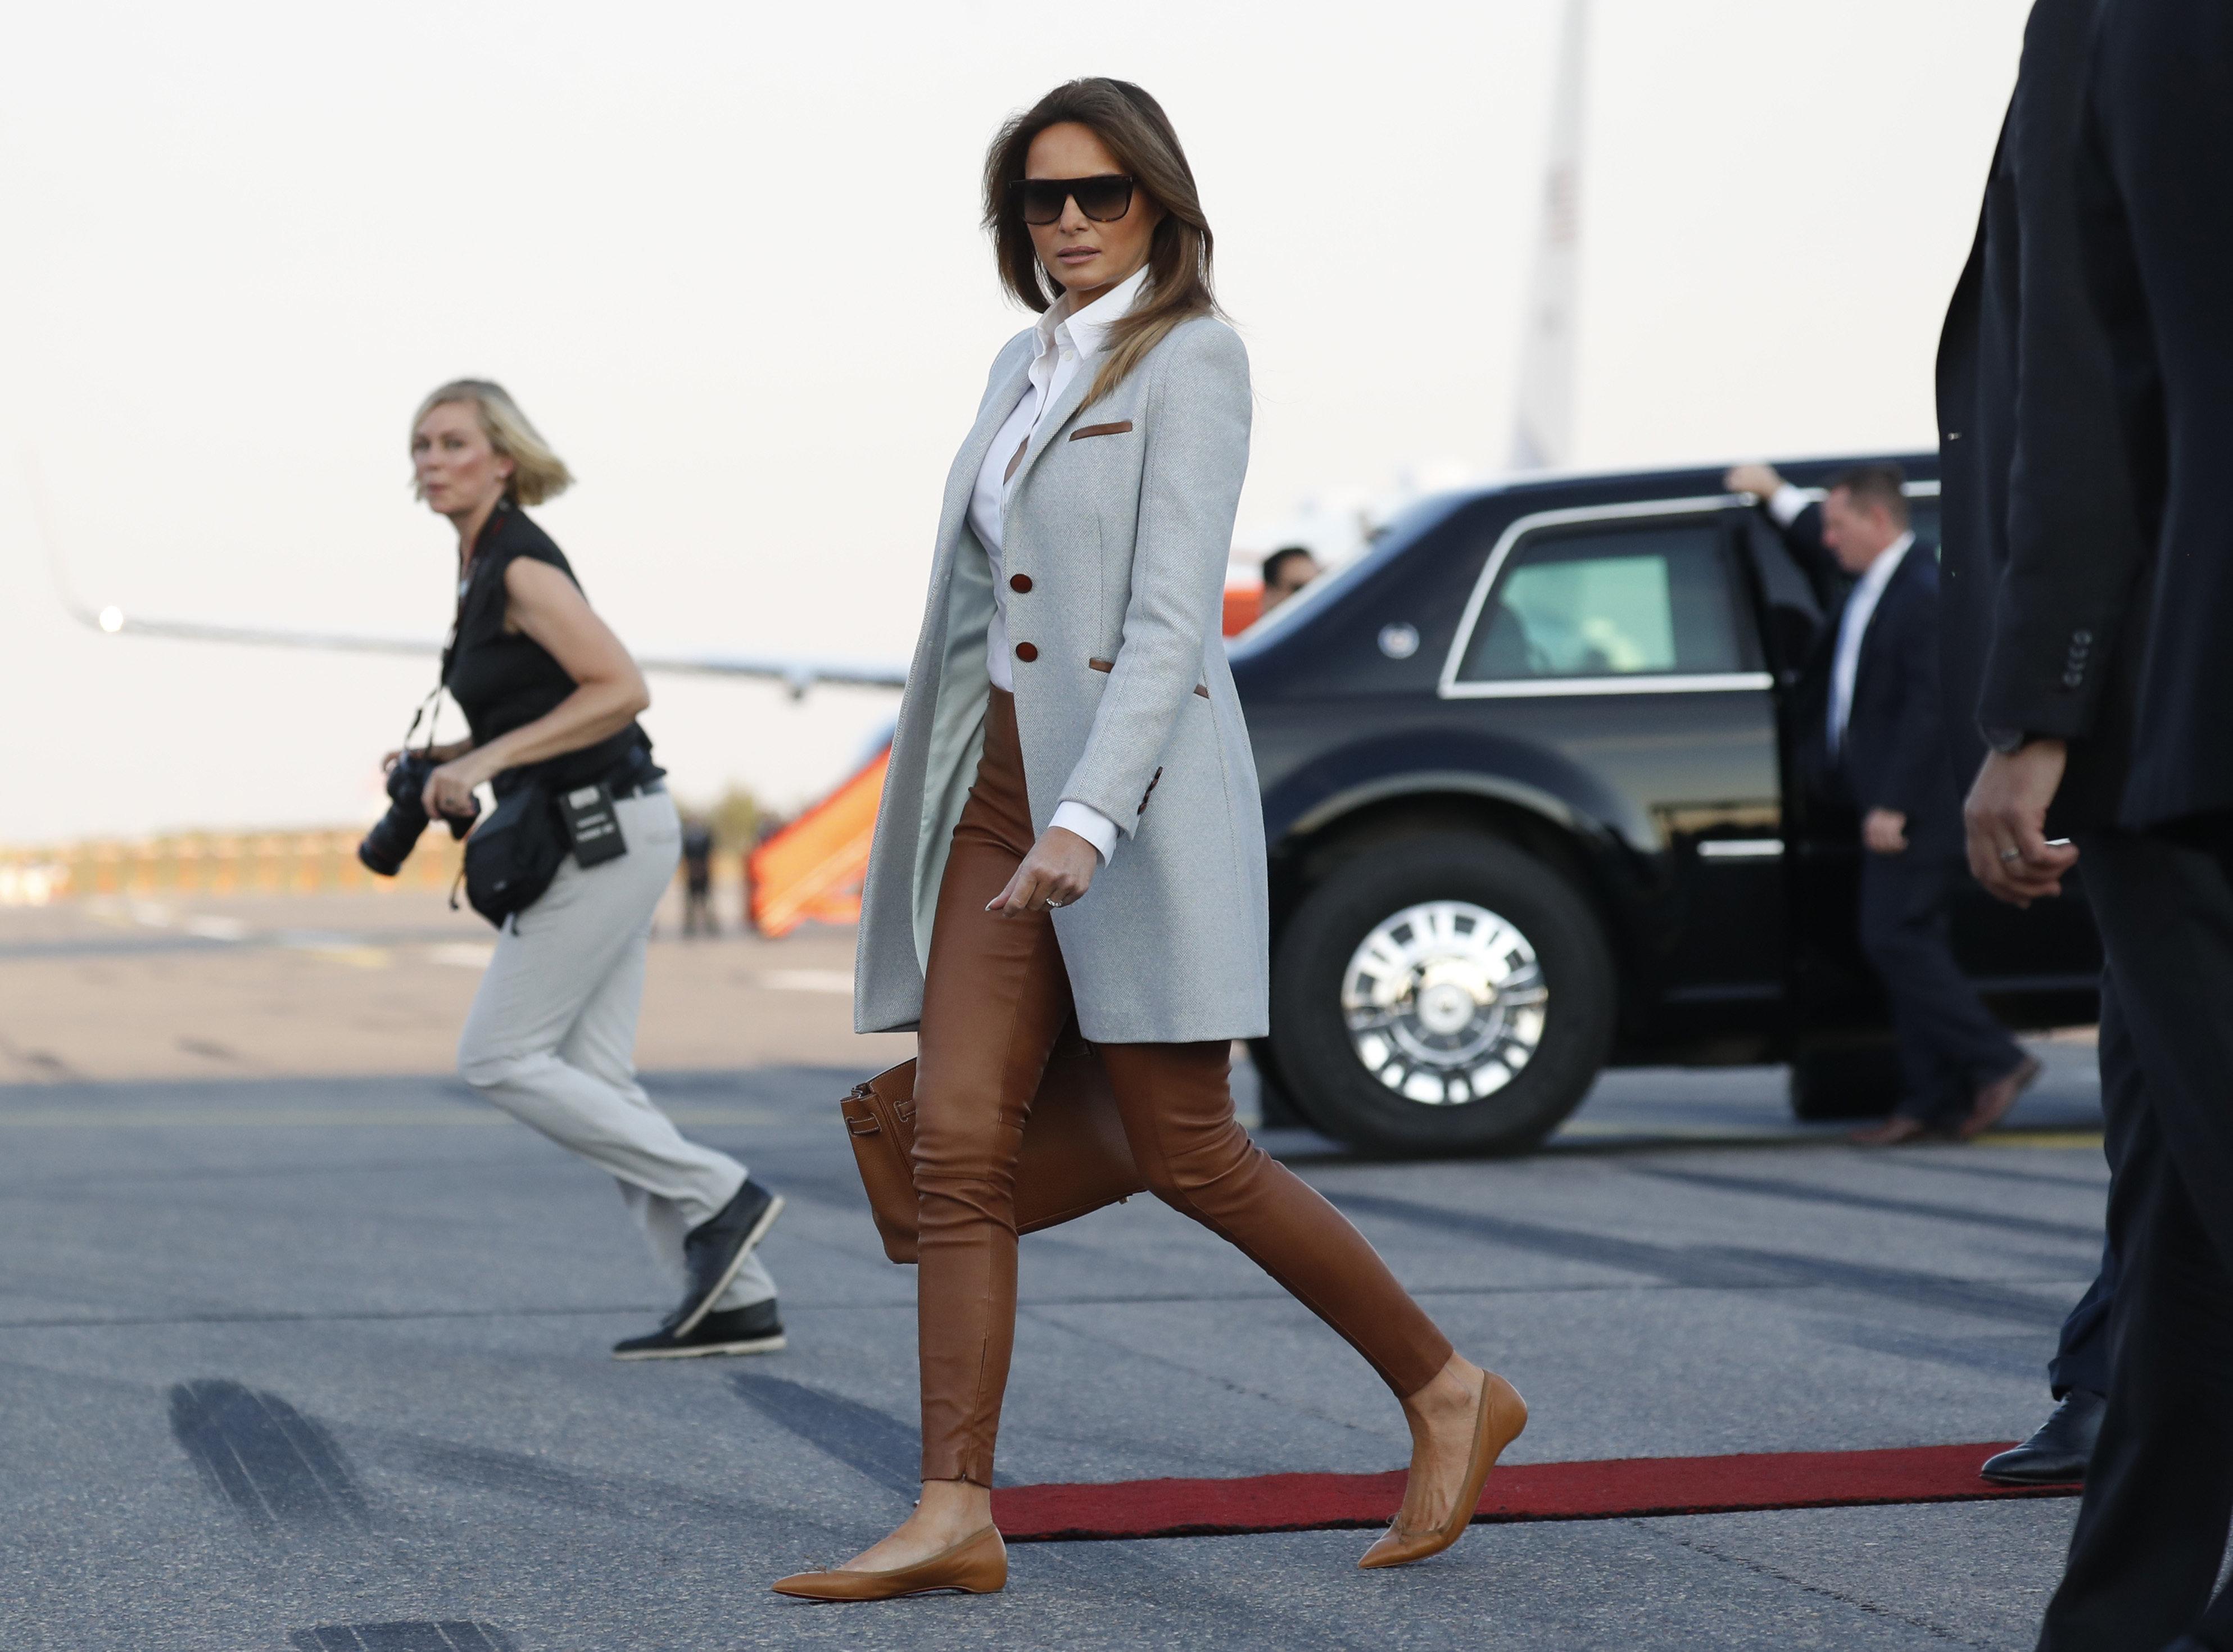 Меланья Трамп  идет к автомобилю после прибытия в Финляндию в аэропорту в Хельсинки